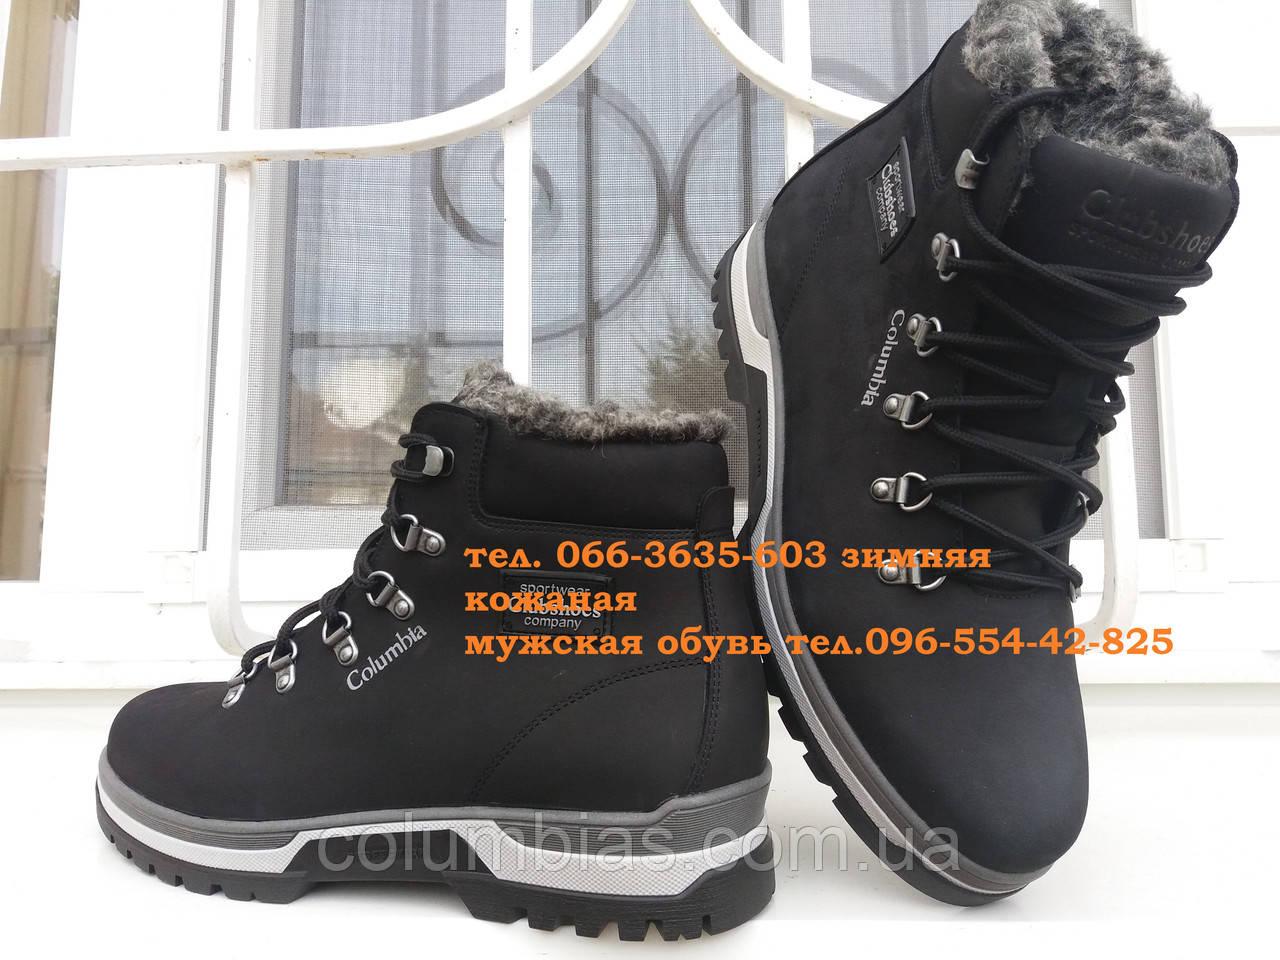 Ботинки Columbiia 40.41.42.43.44.45